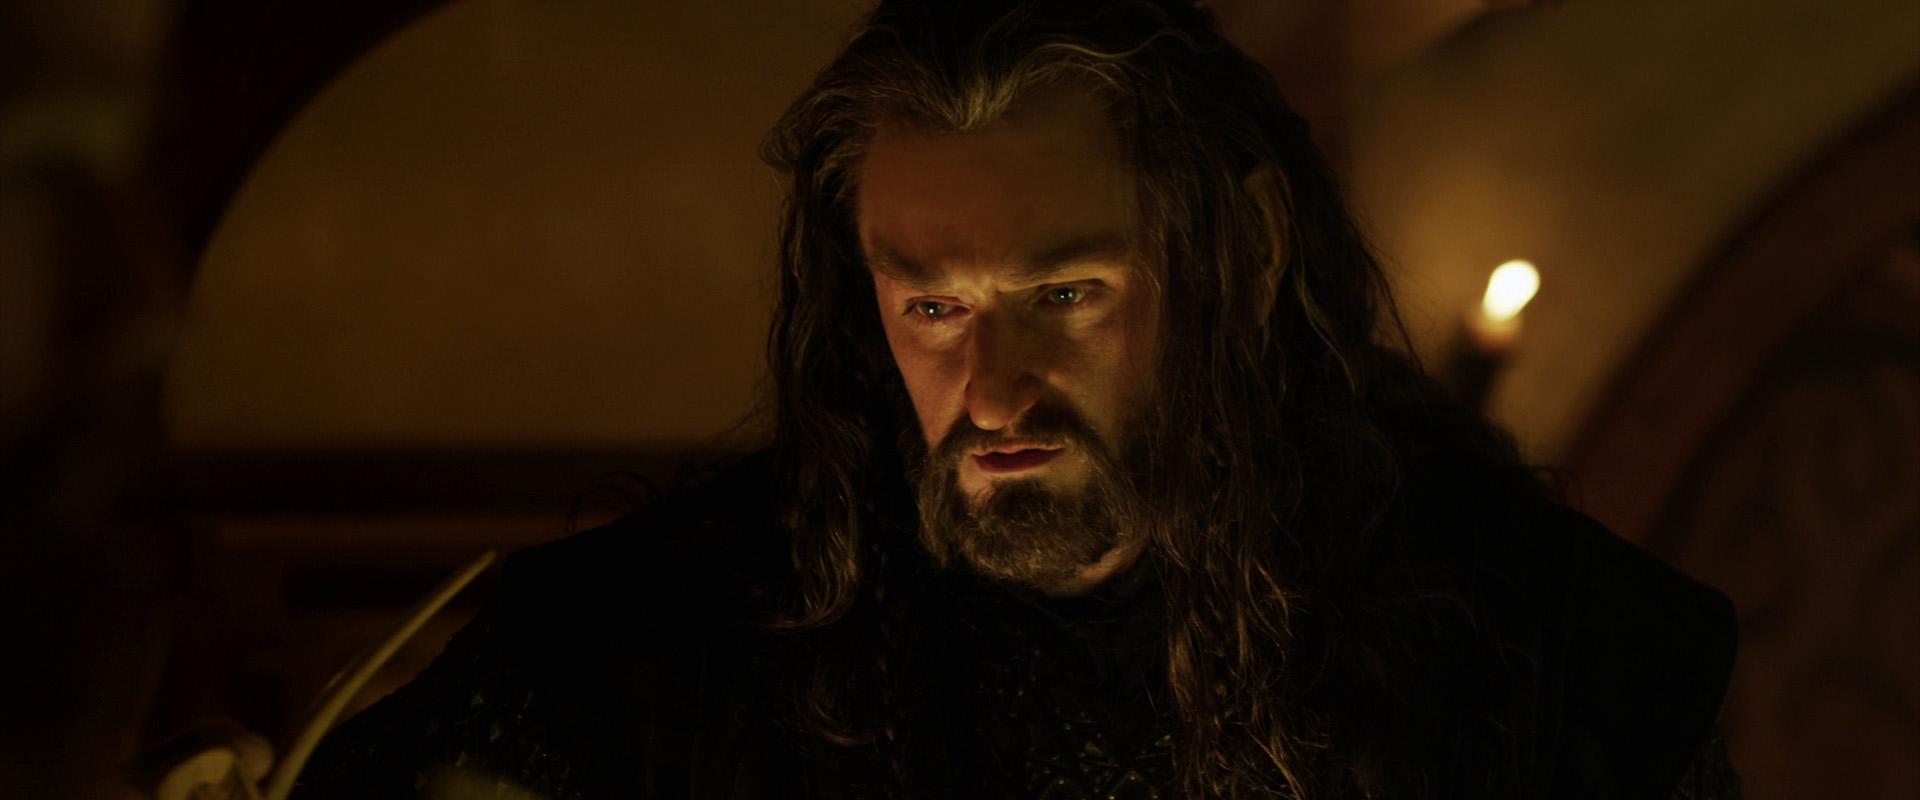 Filmerna kretsar kring berättelsen om en hobbit vid namn Bilbo Bagger Martin Freeman som bor i det fredliga landet Fylke i den fiktiva världen Midgård